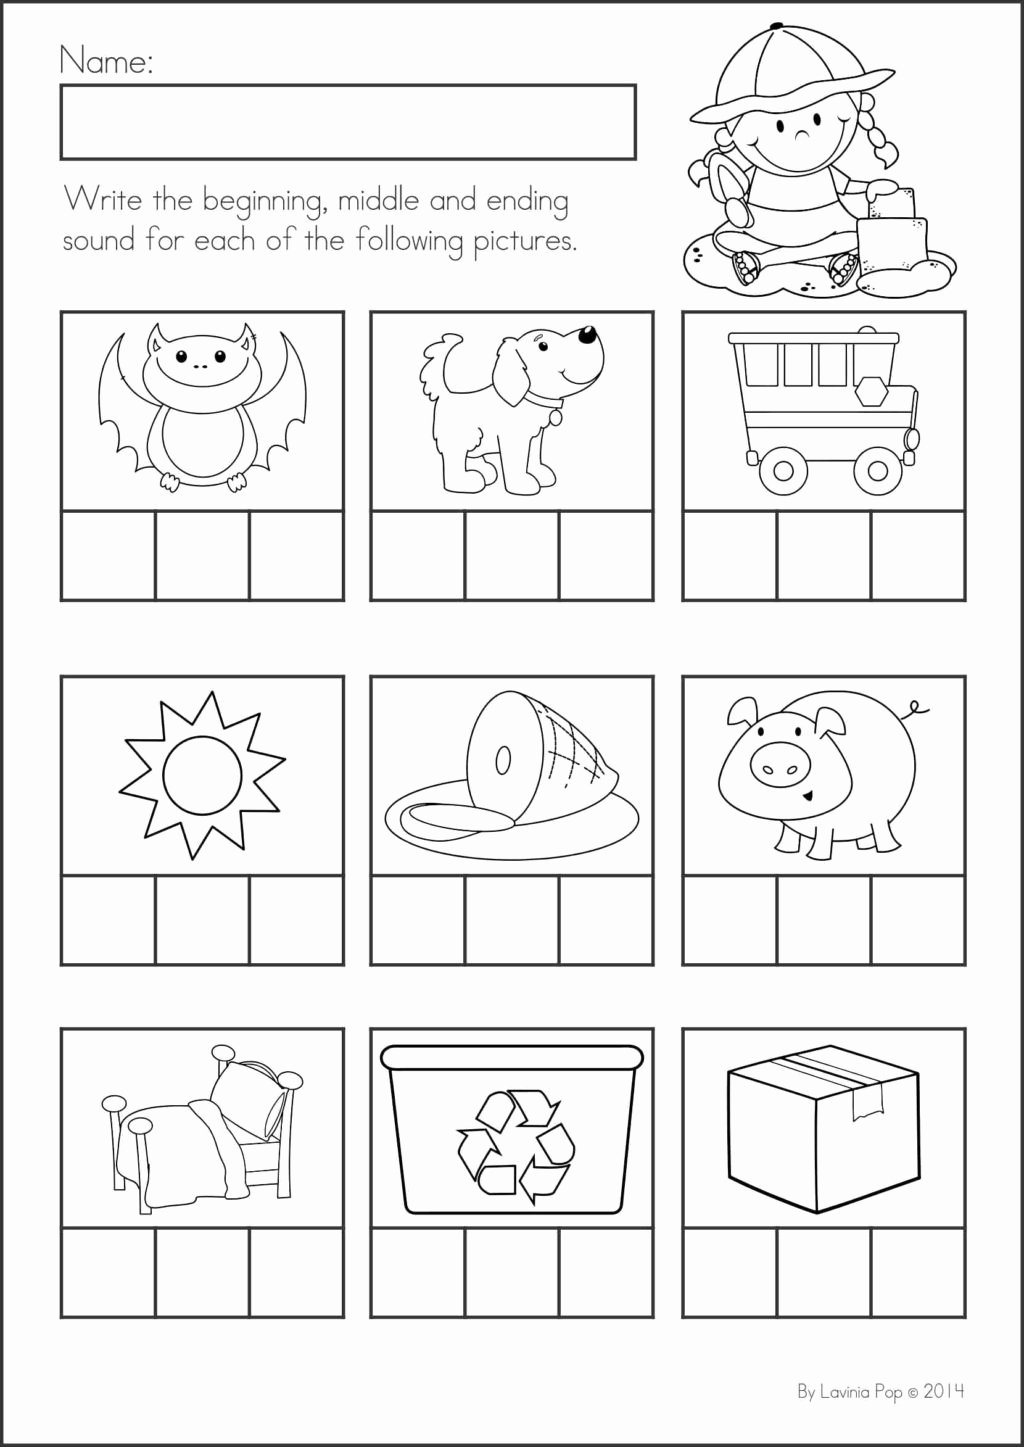 Middle sounds Worksheets for Kindergarten Kids Worksheet Worksheet Unique Writing Cvc Words Educational